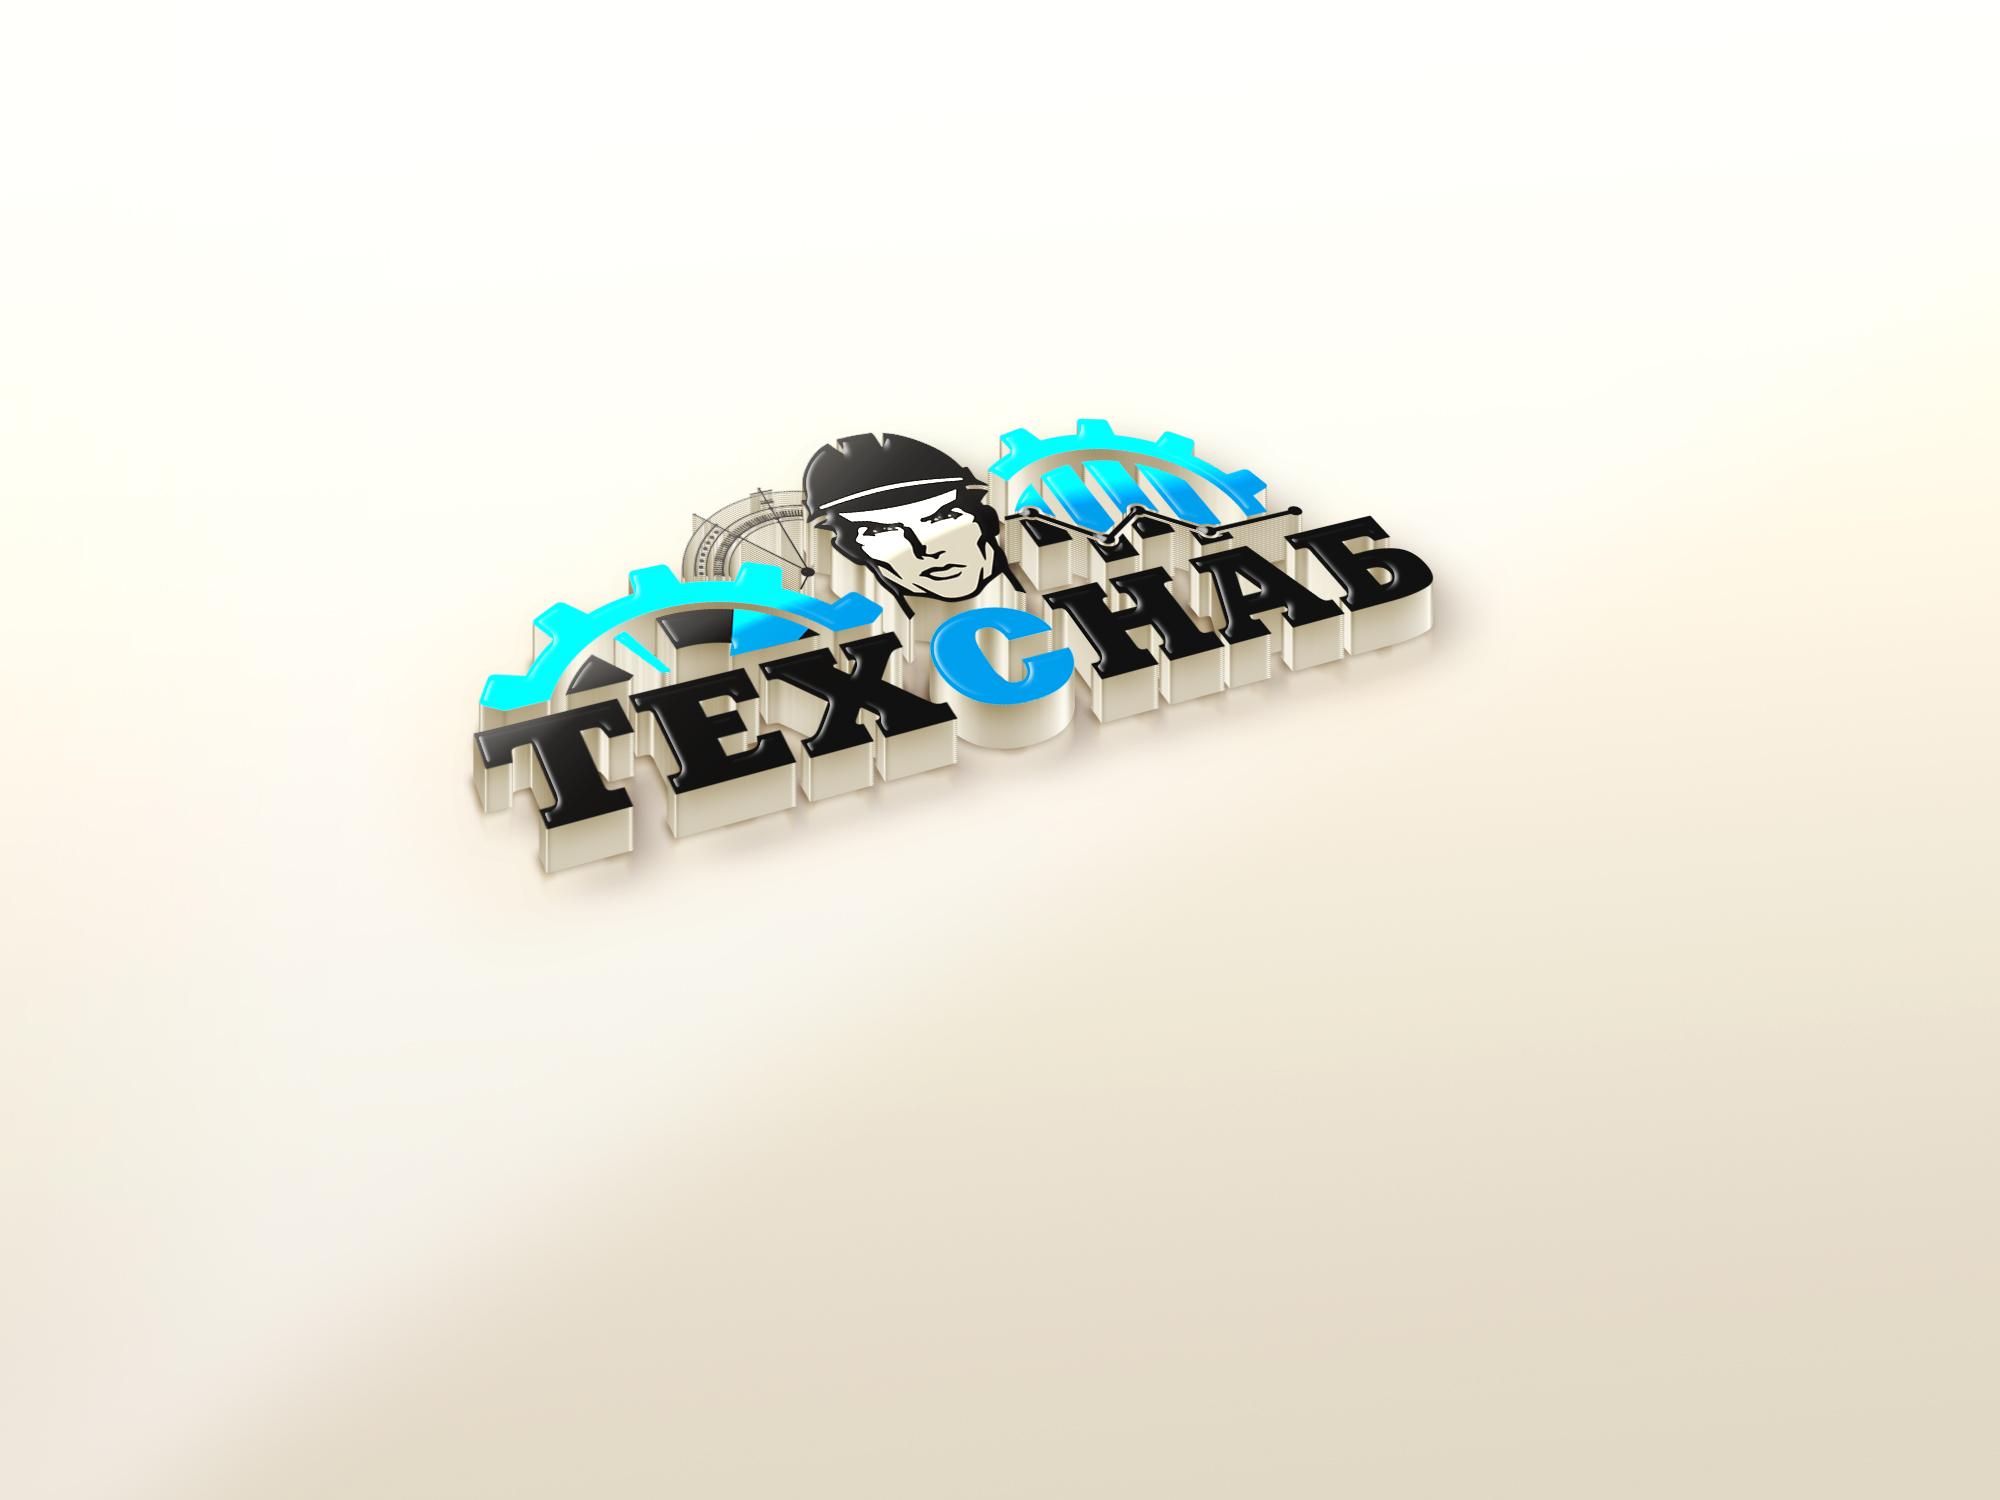 Разработка логотипа и фирм. стиля компании  ТЕХСНАБ фото f_2145b2151cf4050f.jpg